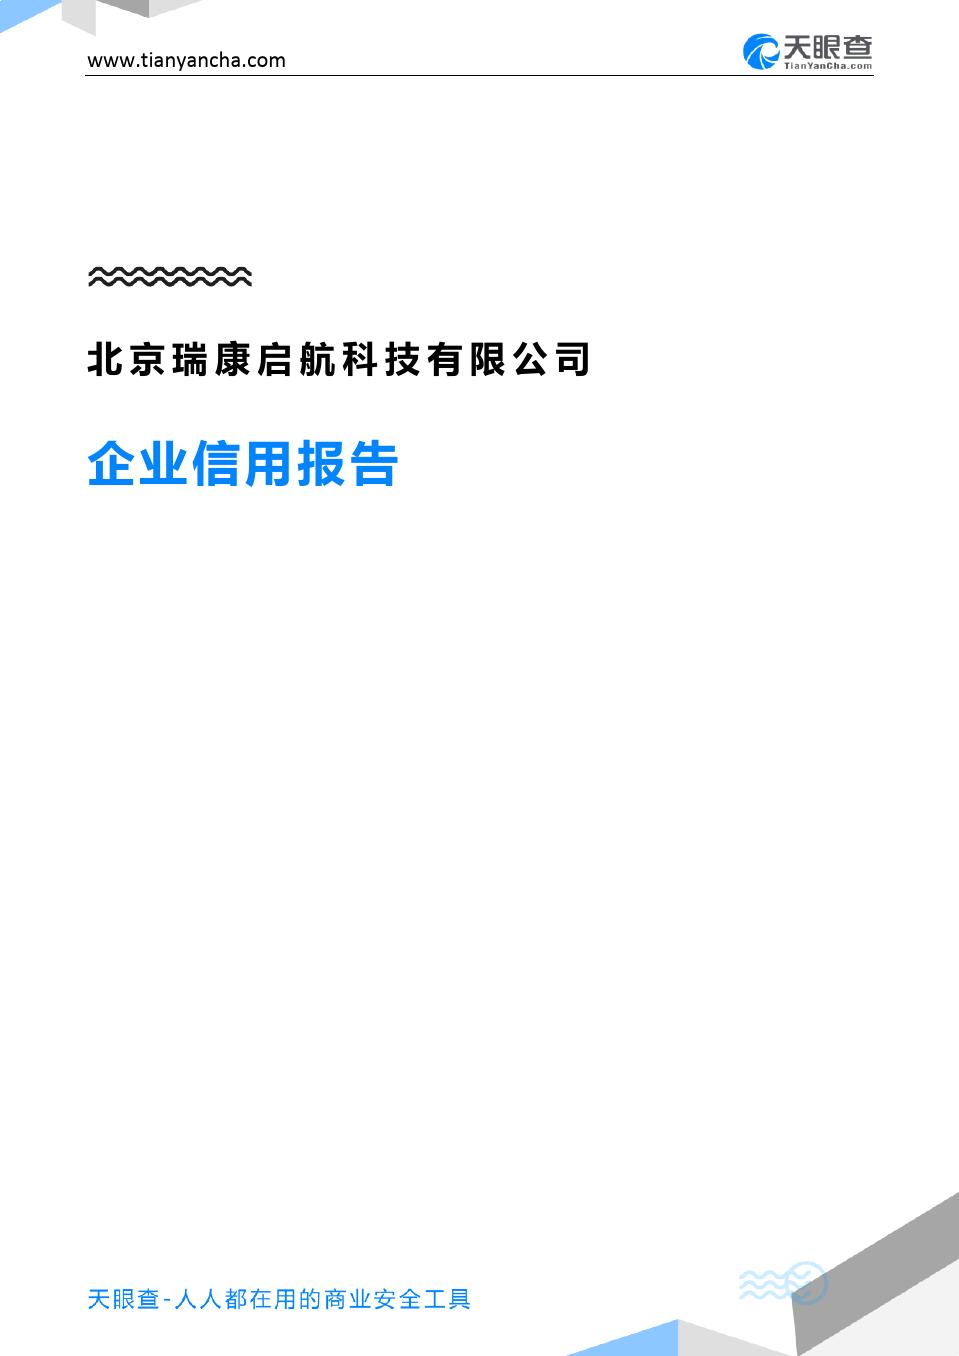 北京瑞康启航科技有限公司(企业信用报告)- 天眼查